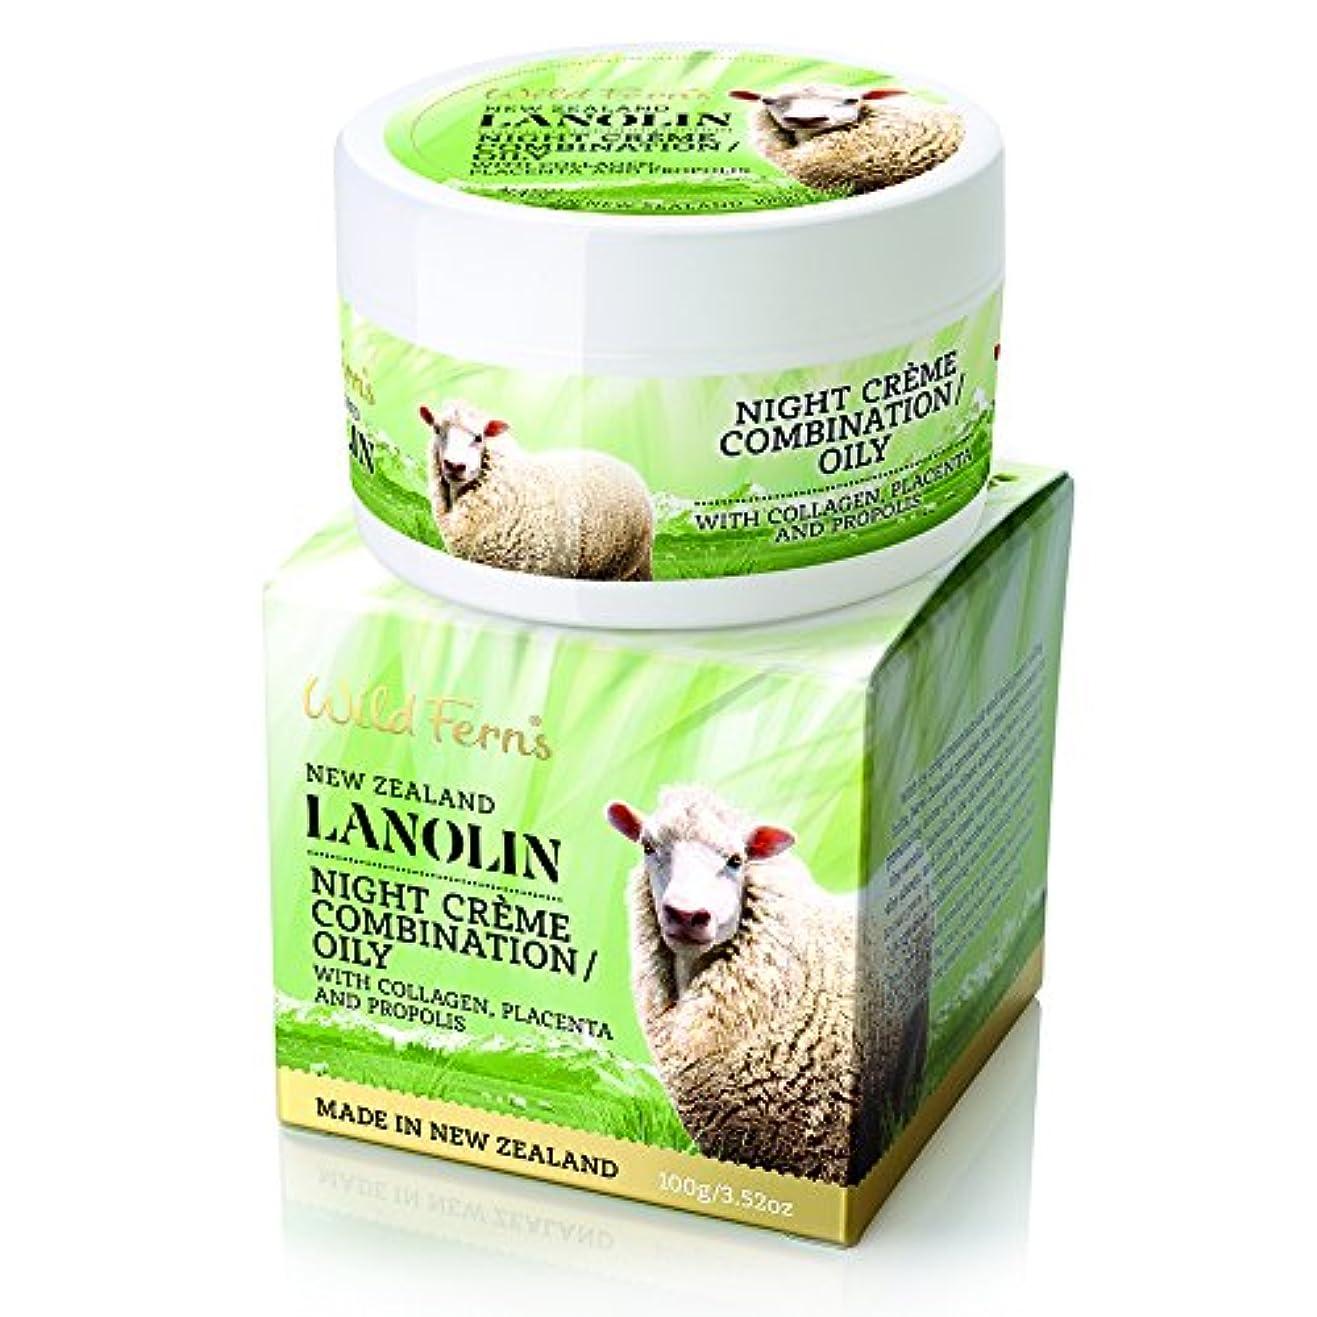 謎めいた免疫最大化するLanolin Nght Creme Combination